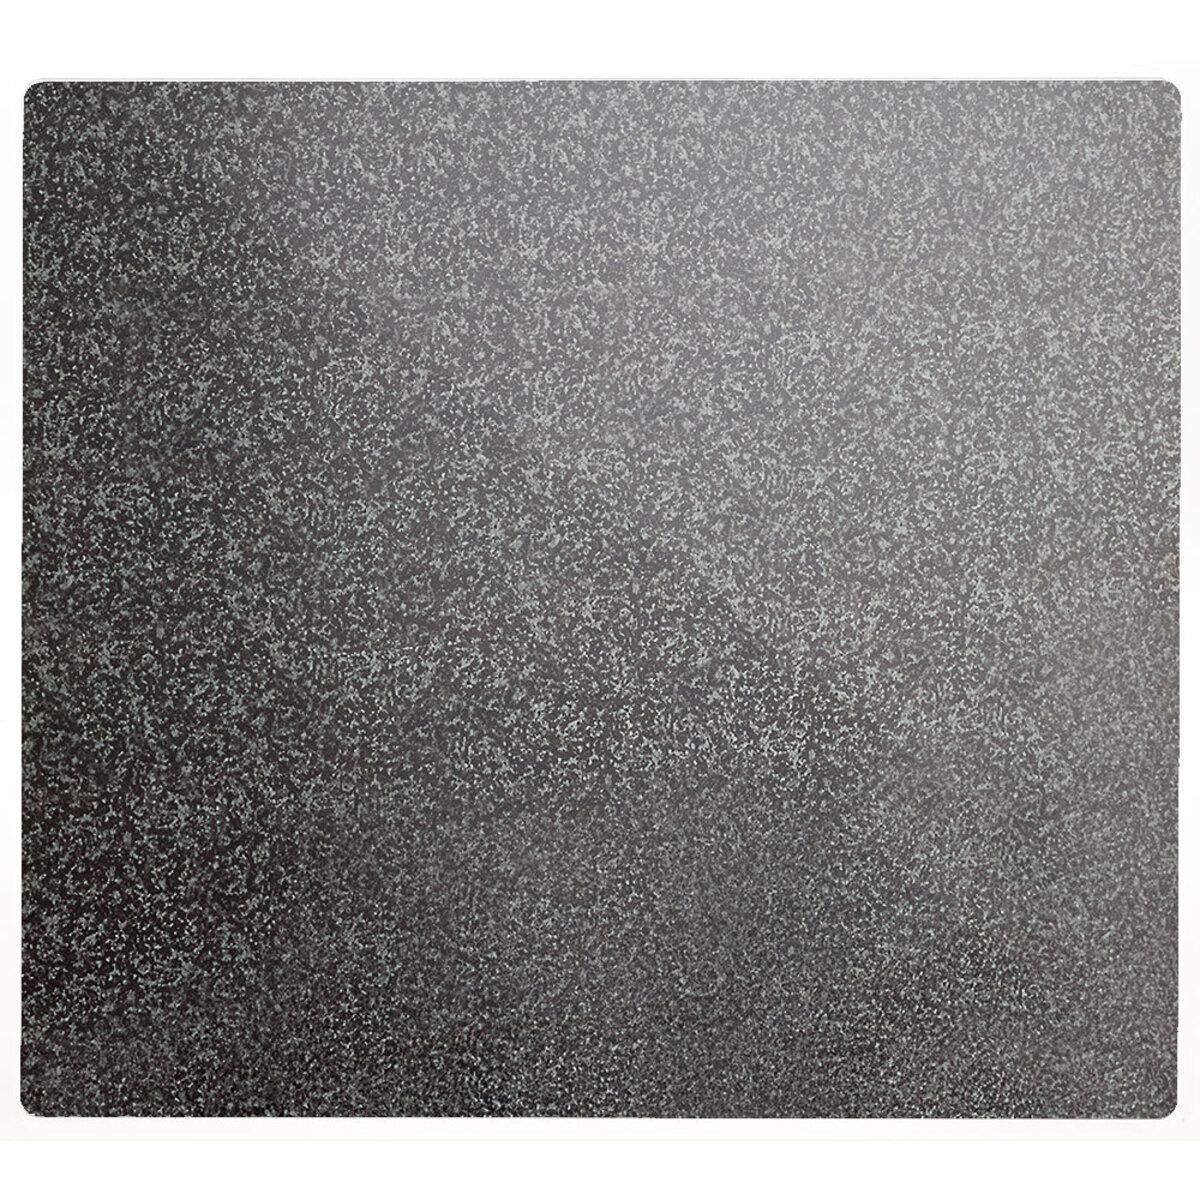 Bild 1 von Kesper XXL Herdabdeckplatte aus Glas - Granitoptik